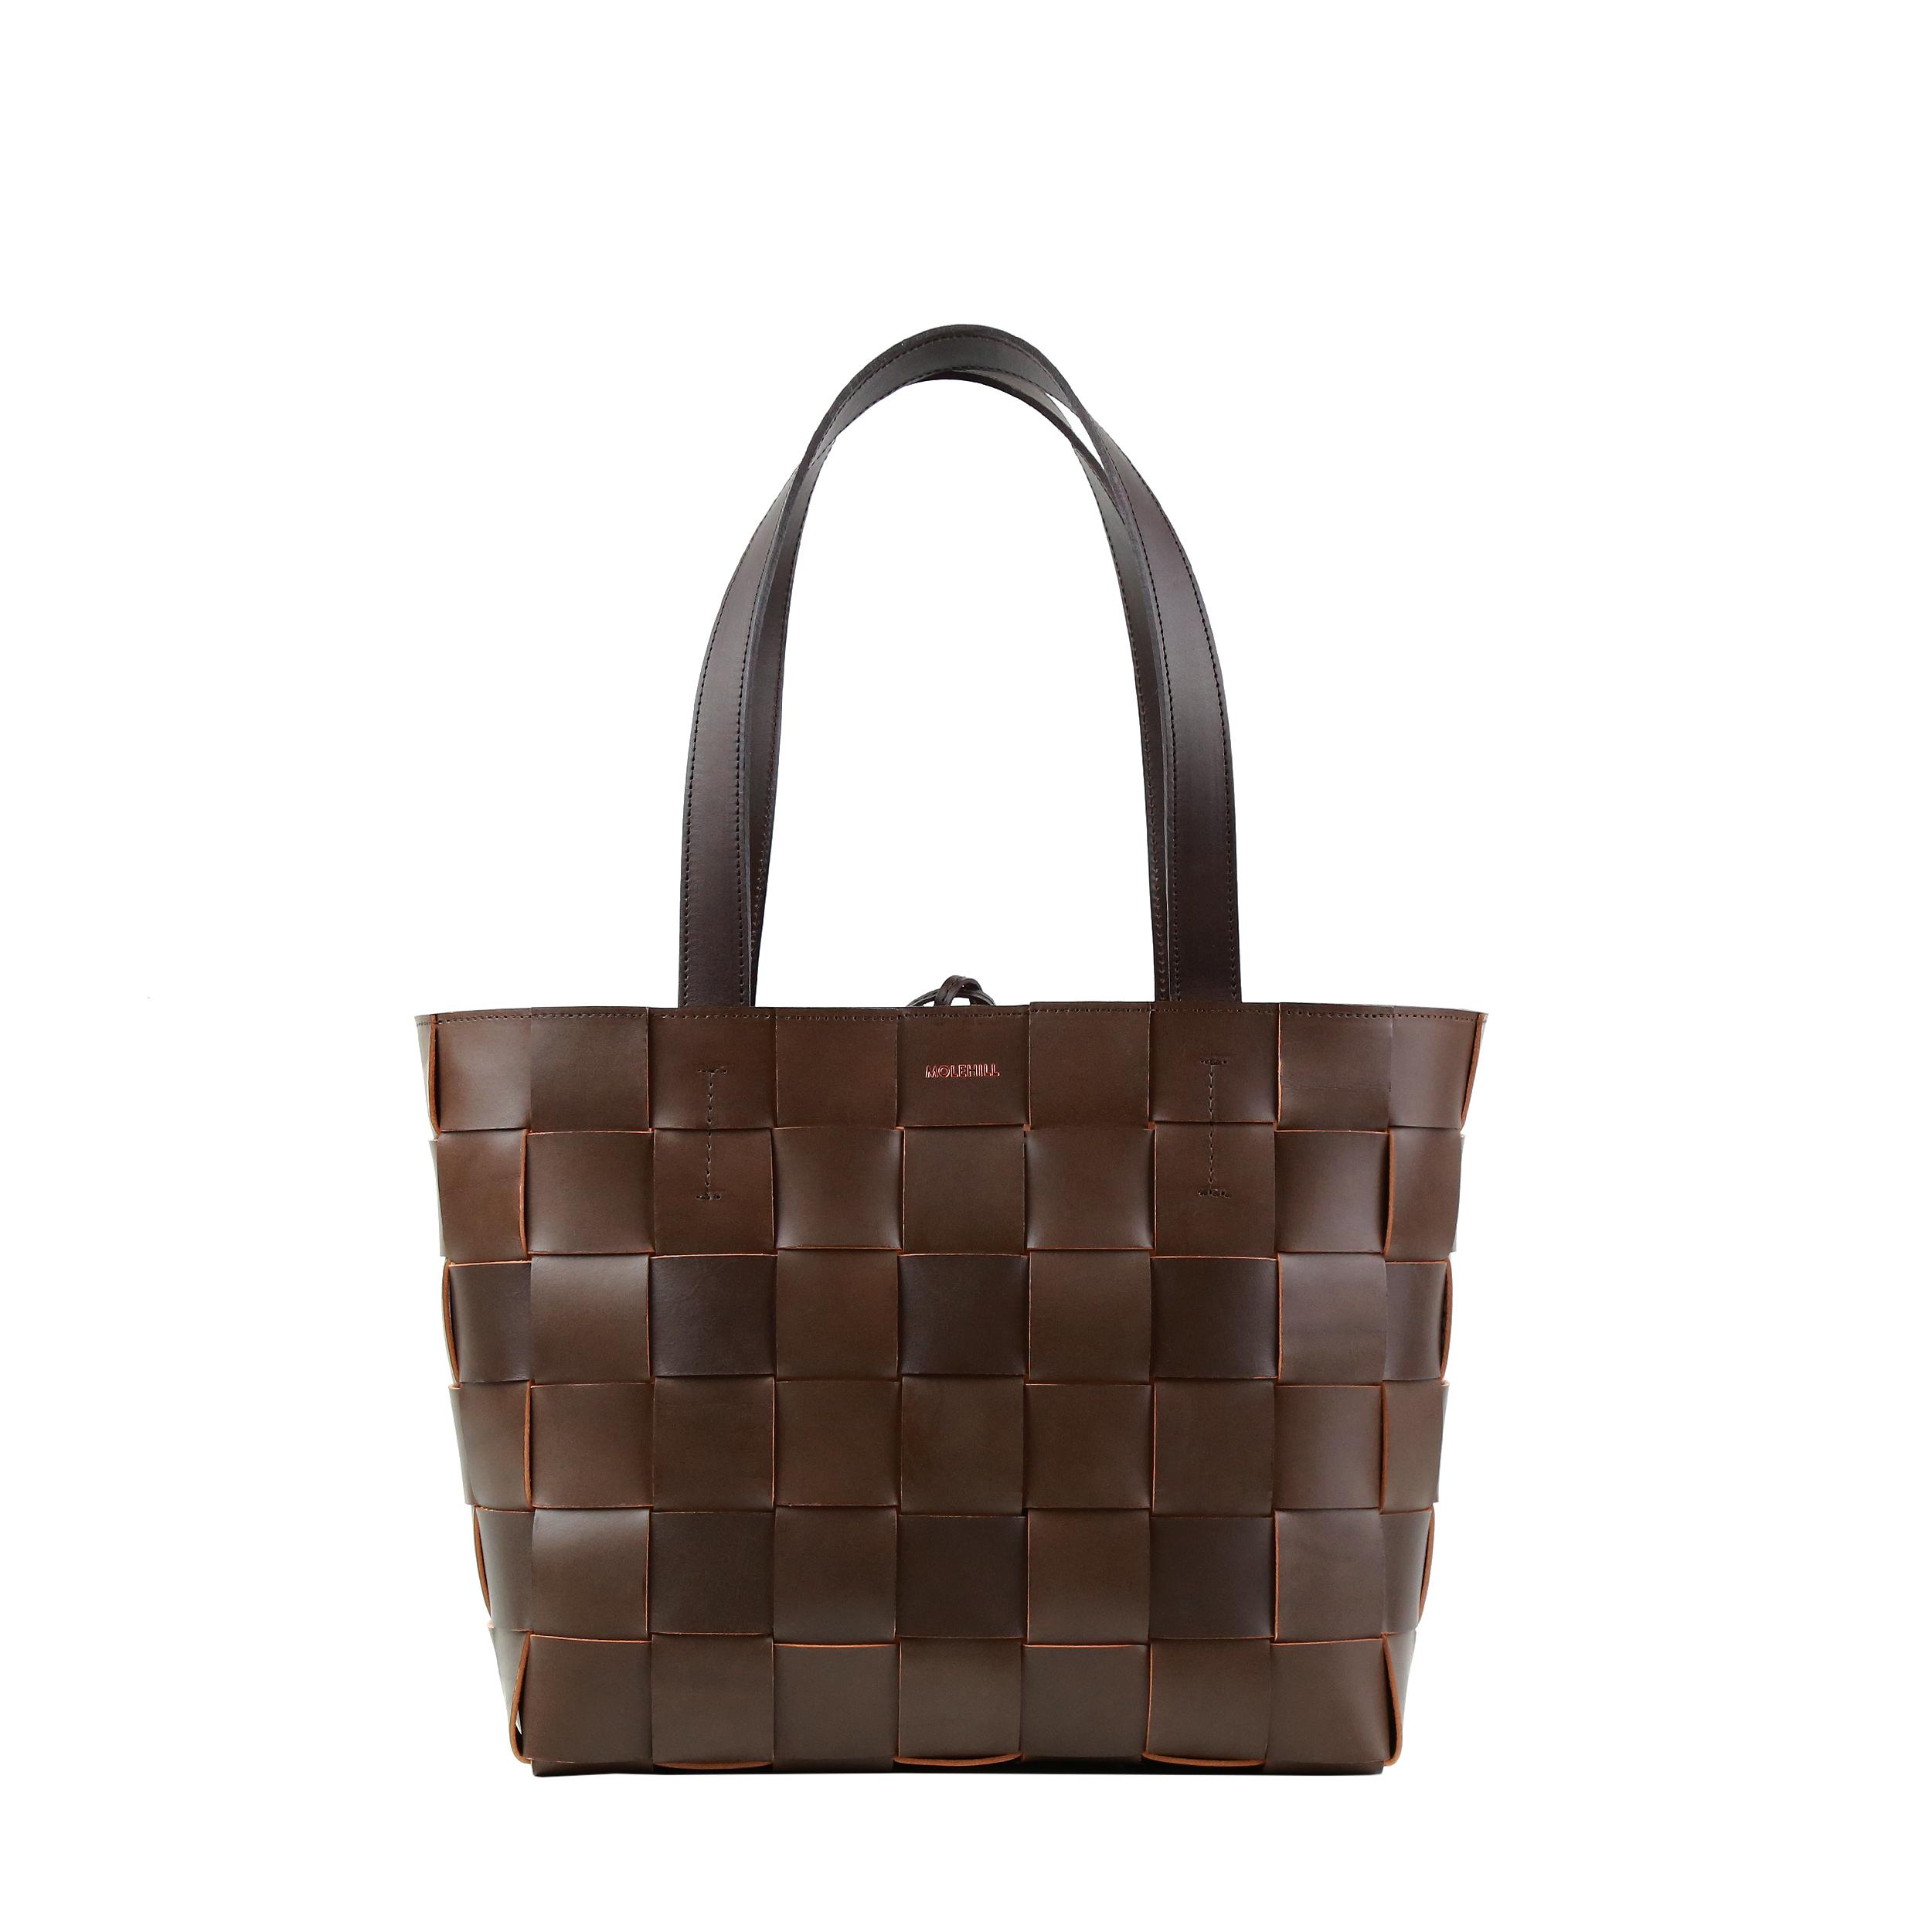 Pane Tote Woven Bag Light Chocolate-1